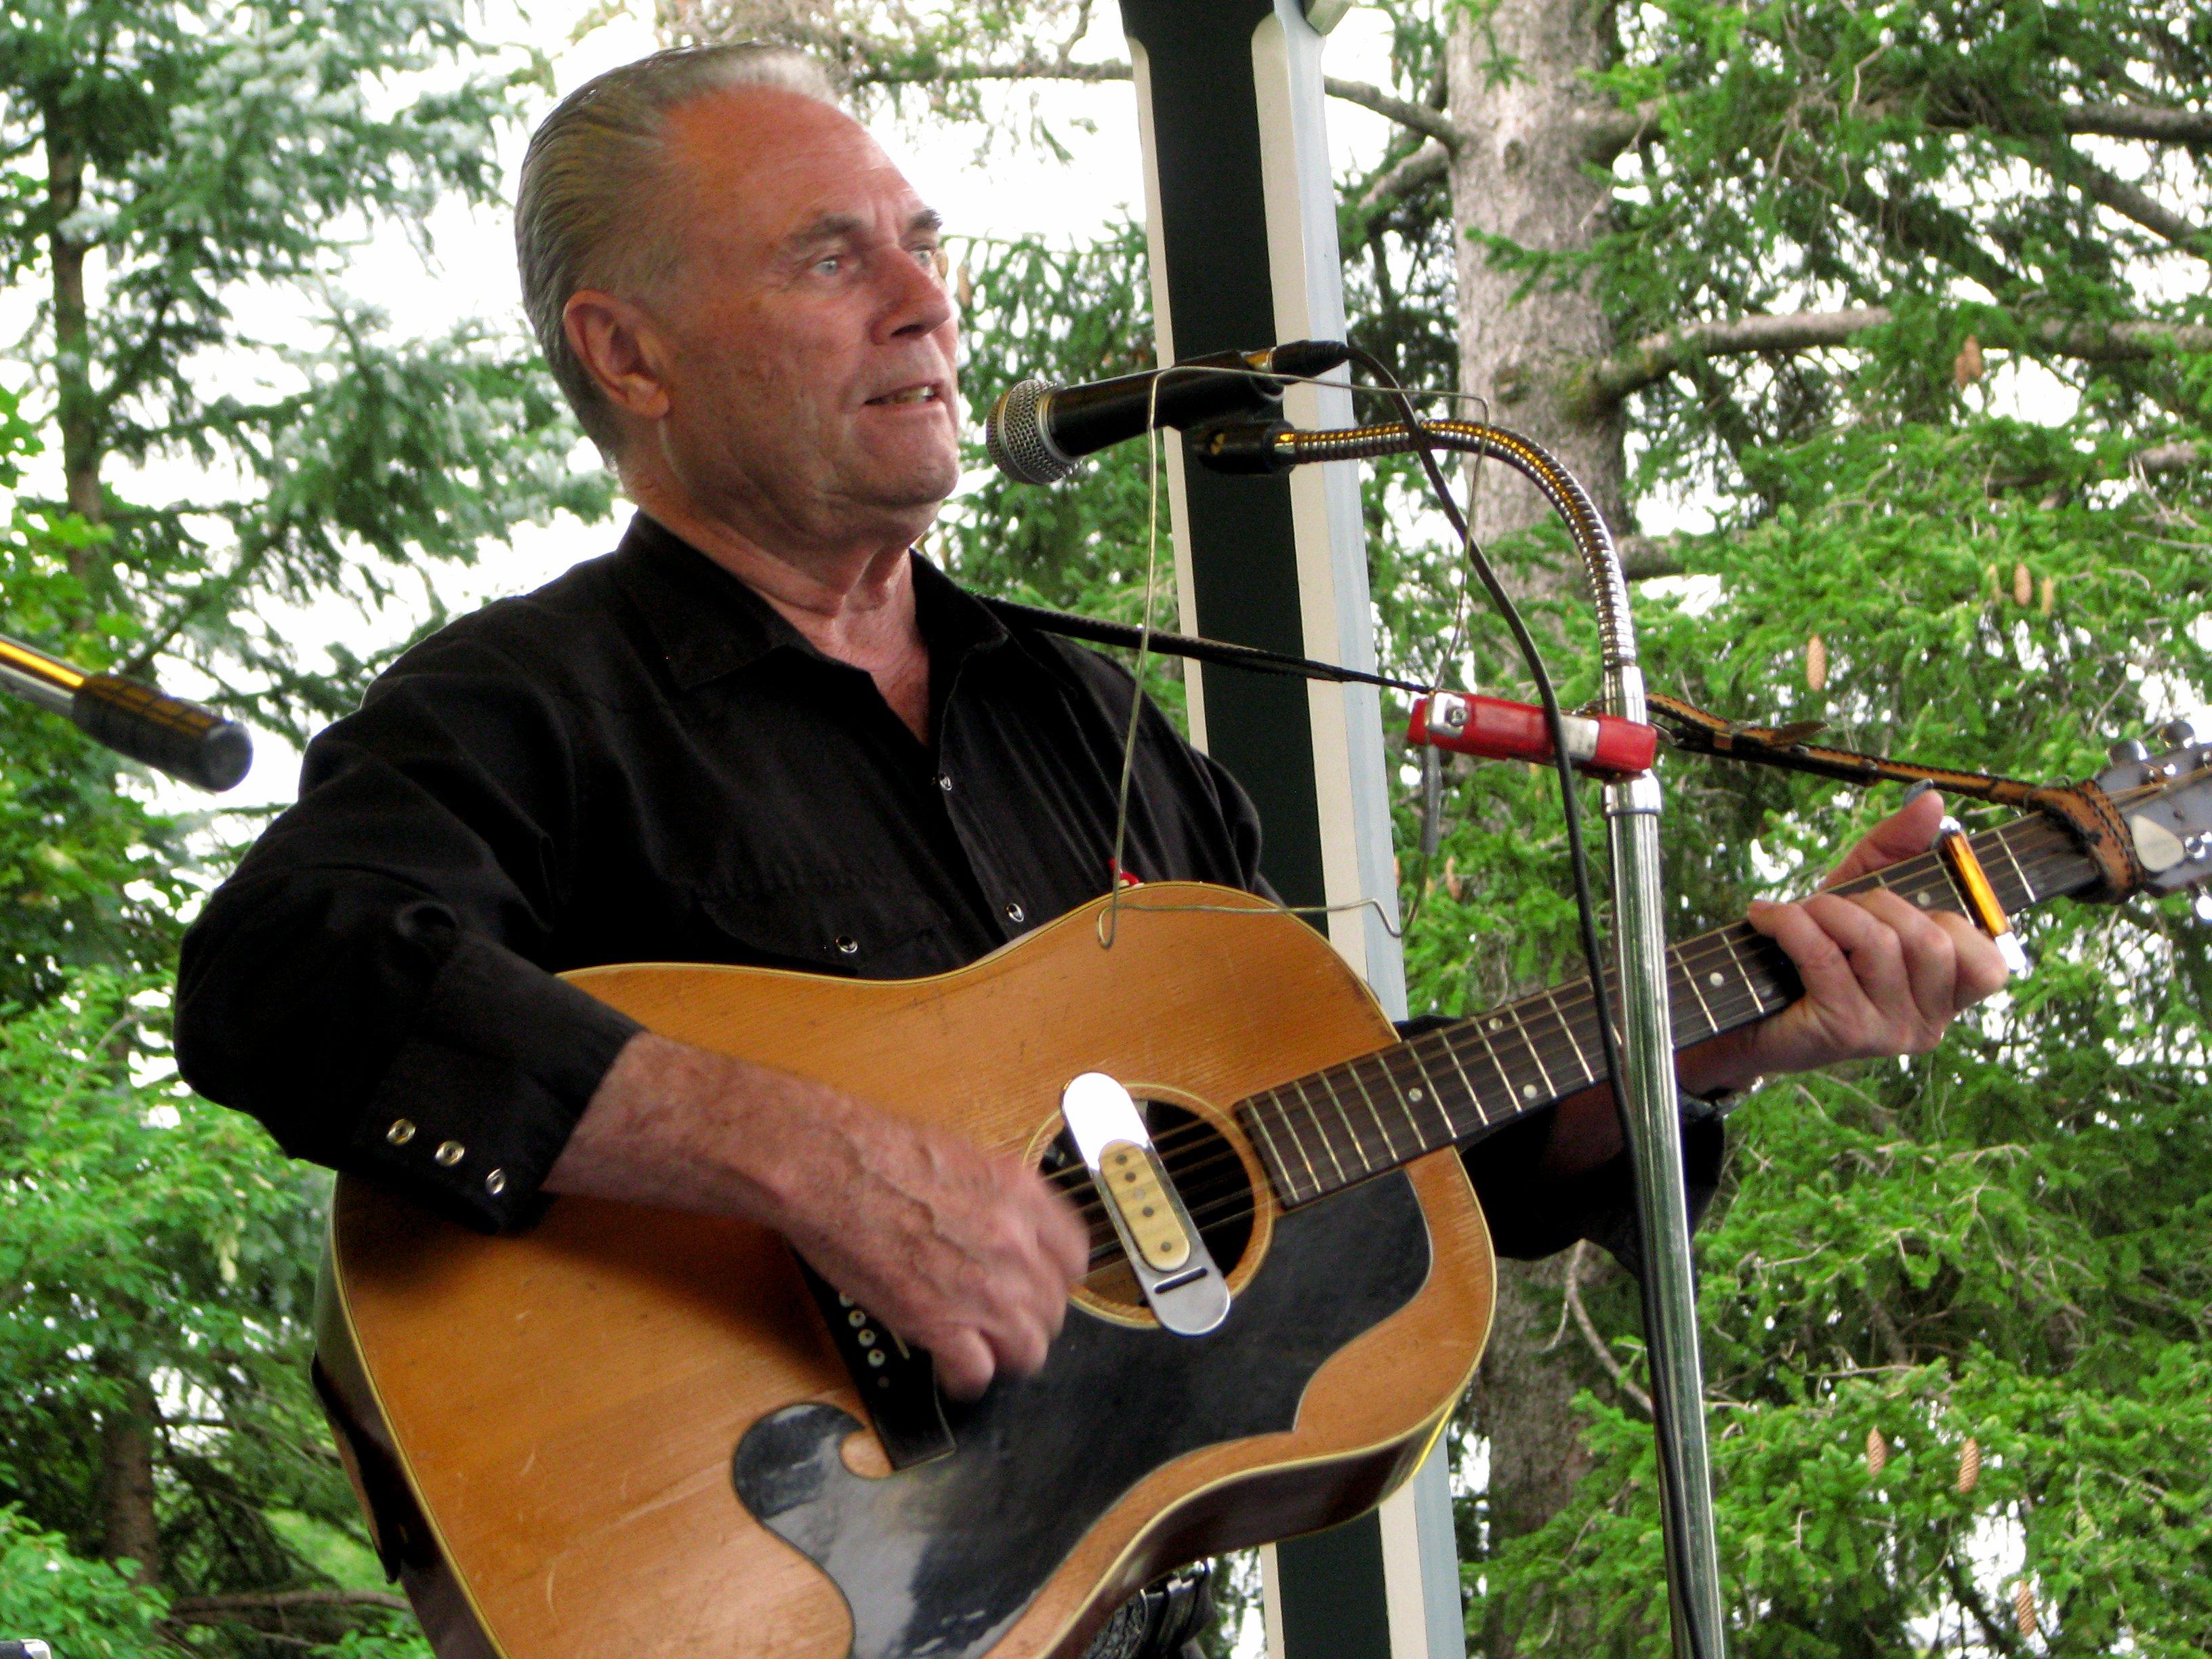 Gerald Davidson plaing guitar